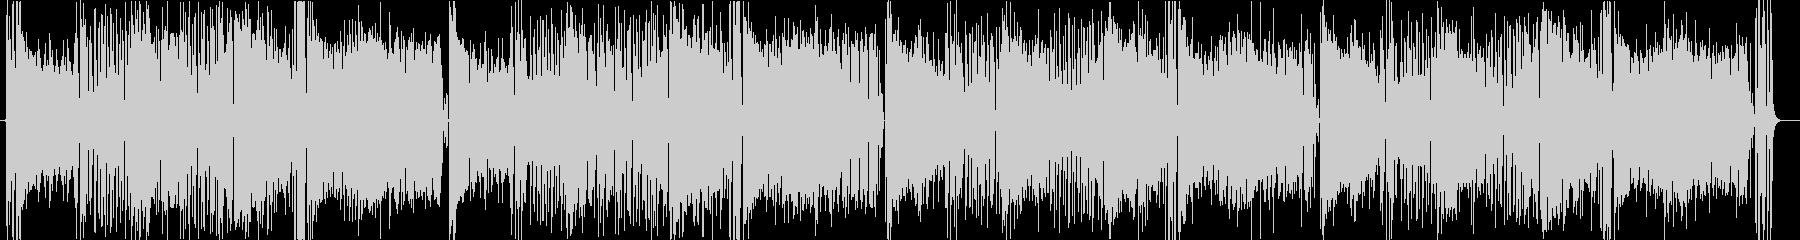 トロピカルでポップでかわいいゲーム音楽曲の未再生の波形